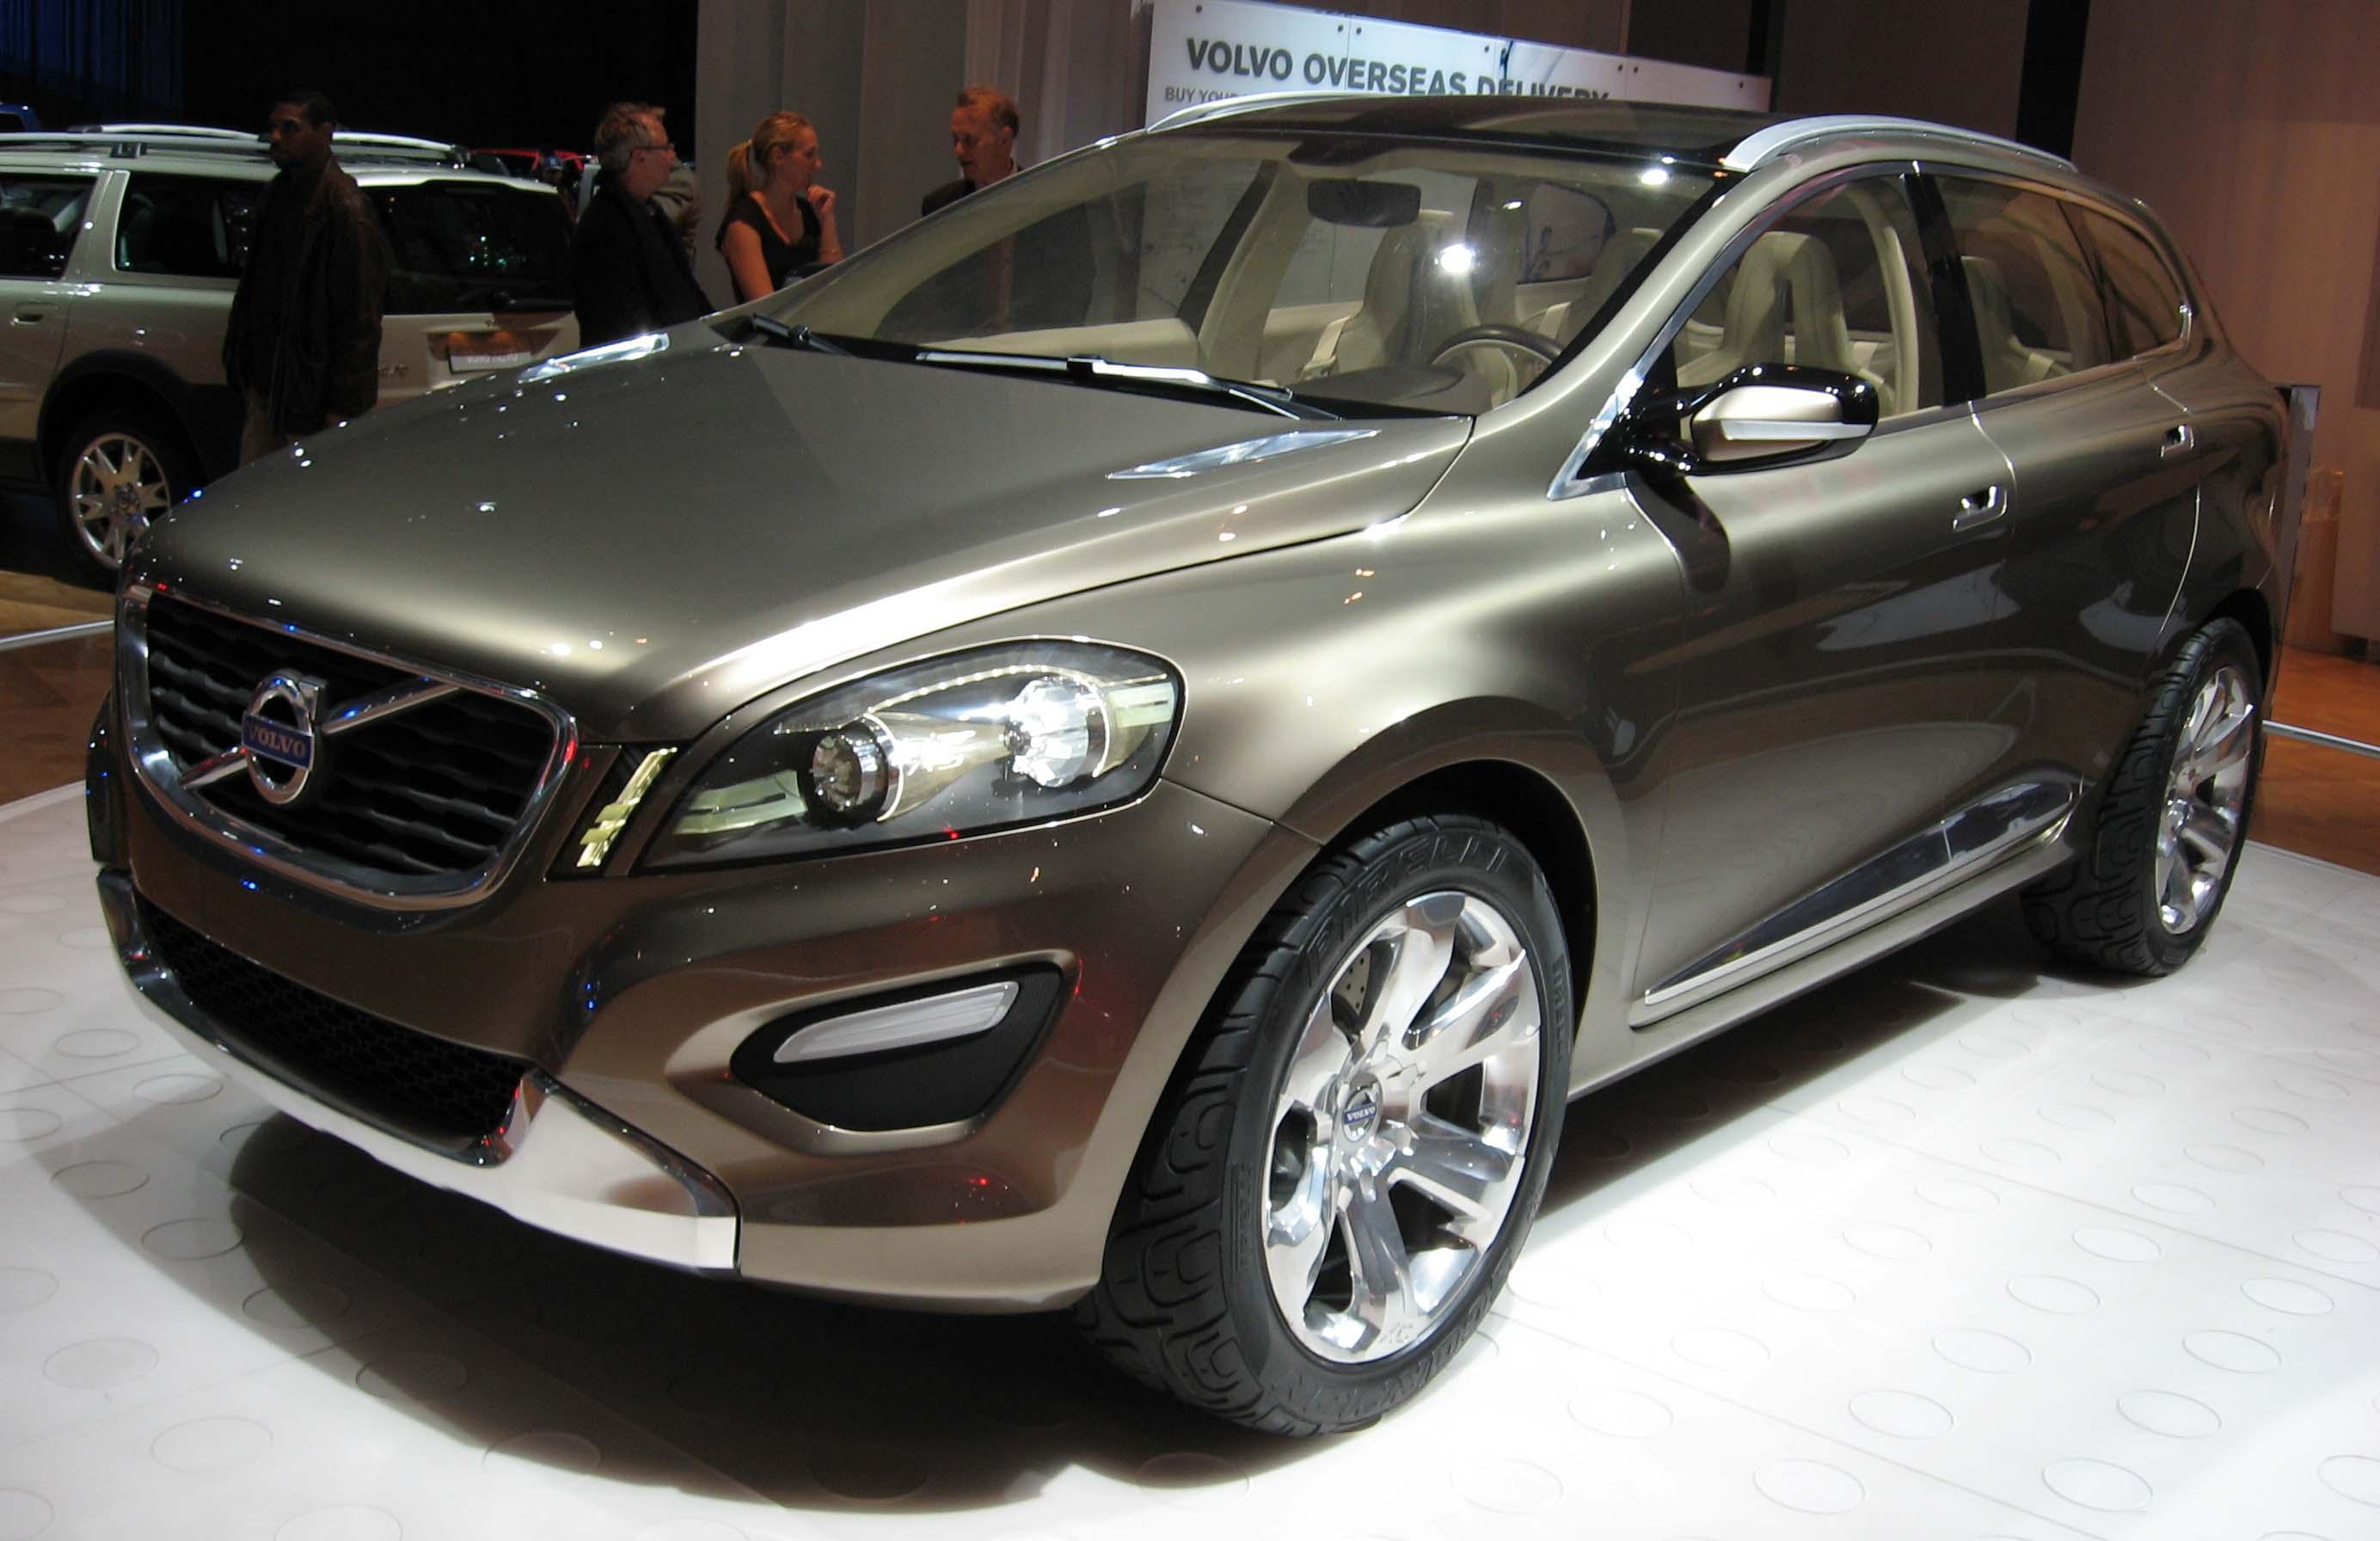 Volvo ima problema s kontrolom štetnih plinova